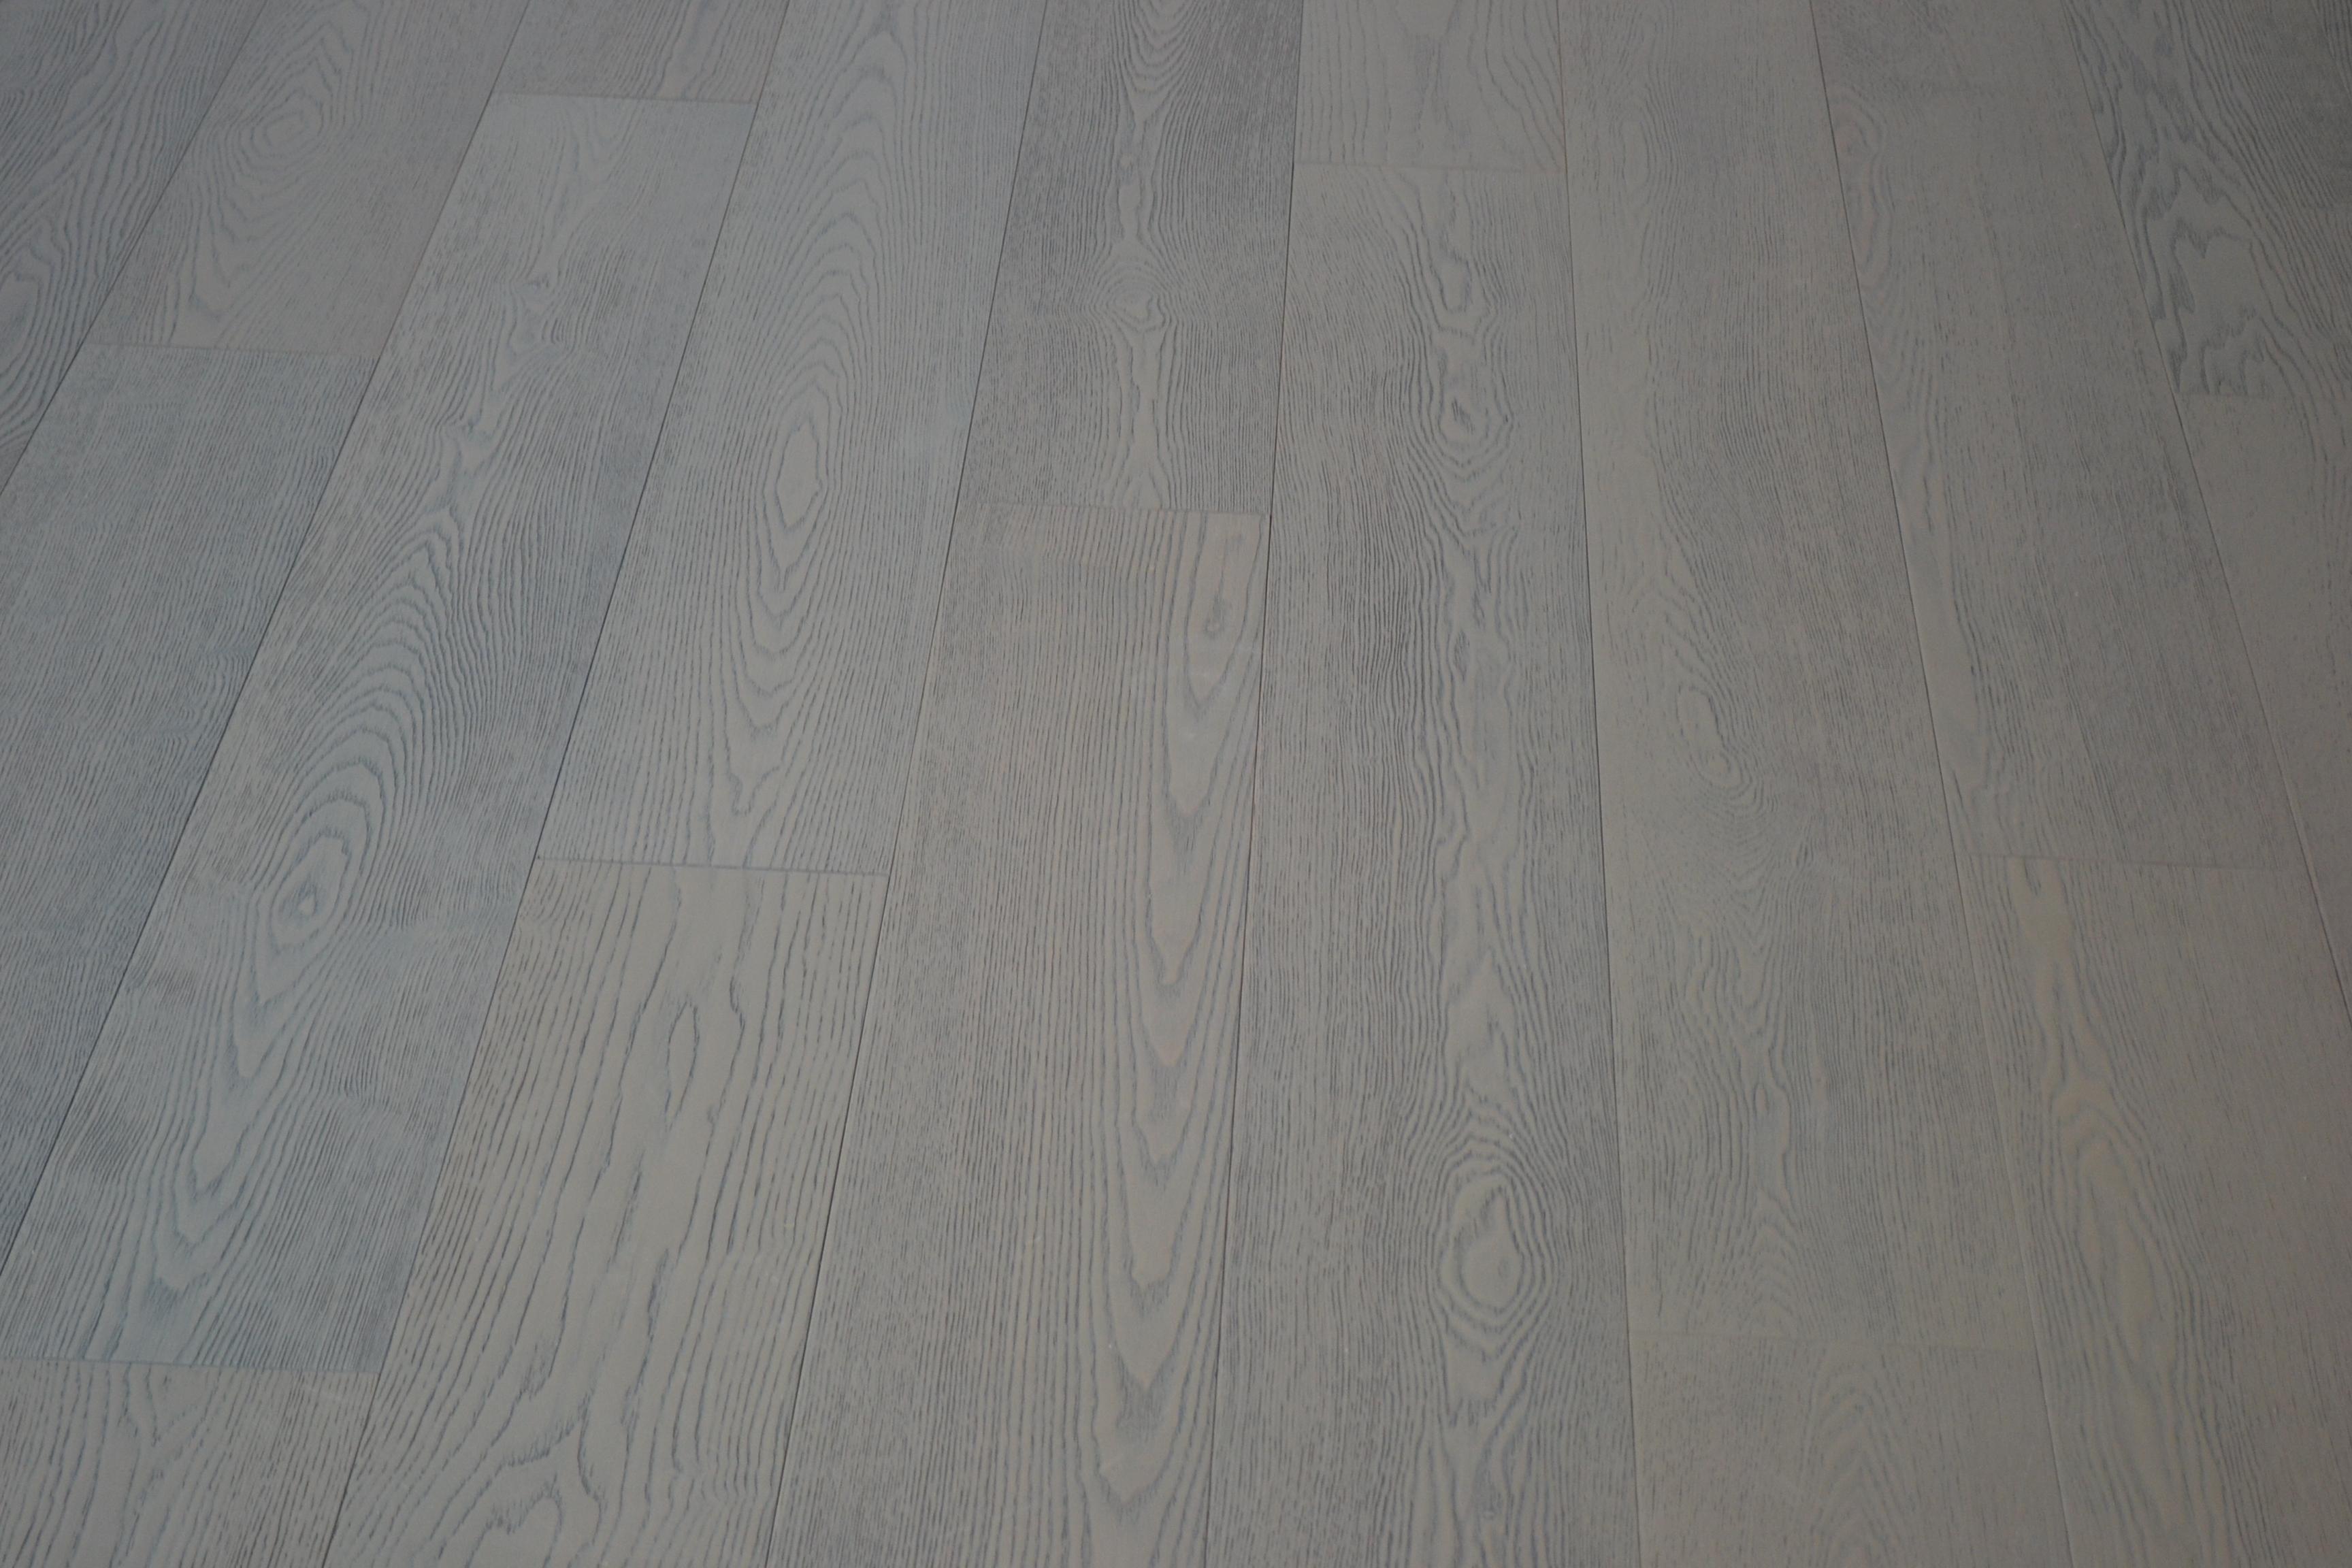 原古-藝術拼接 北美白橡浮雕導管灰厚單片300條海島型複合地板 九夾樺木基材